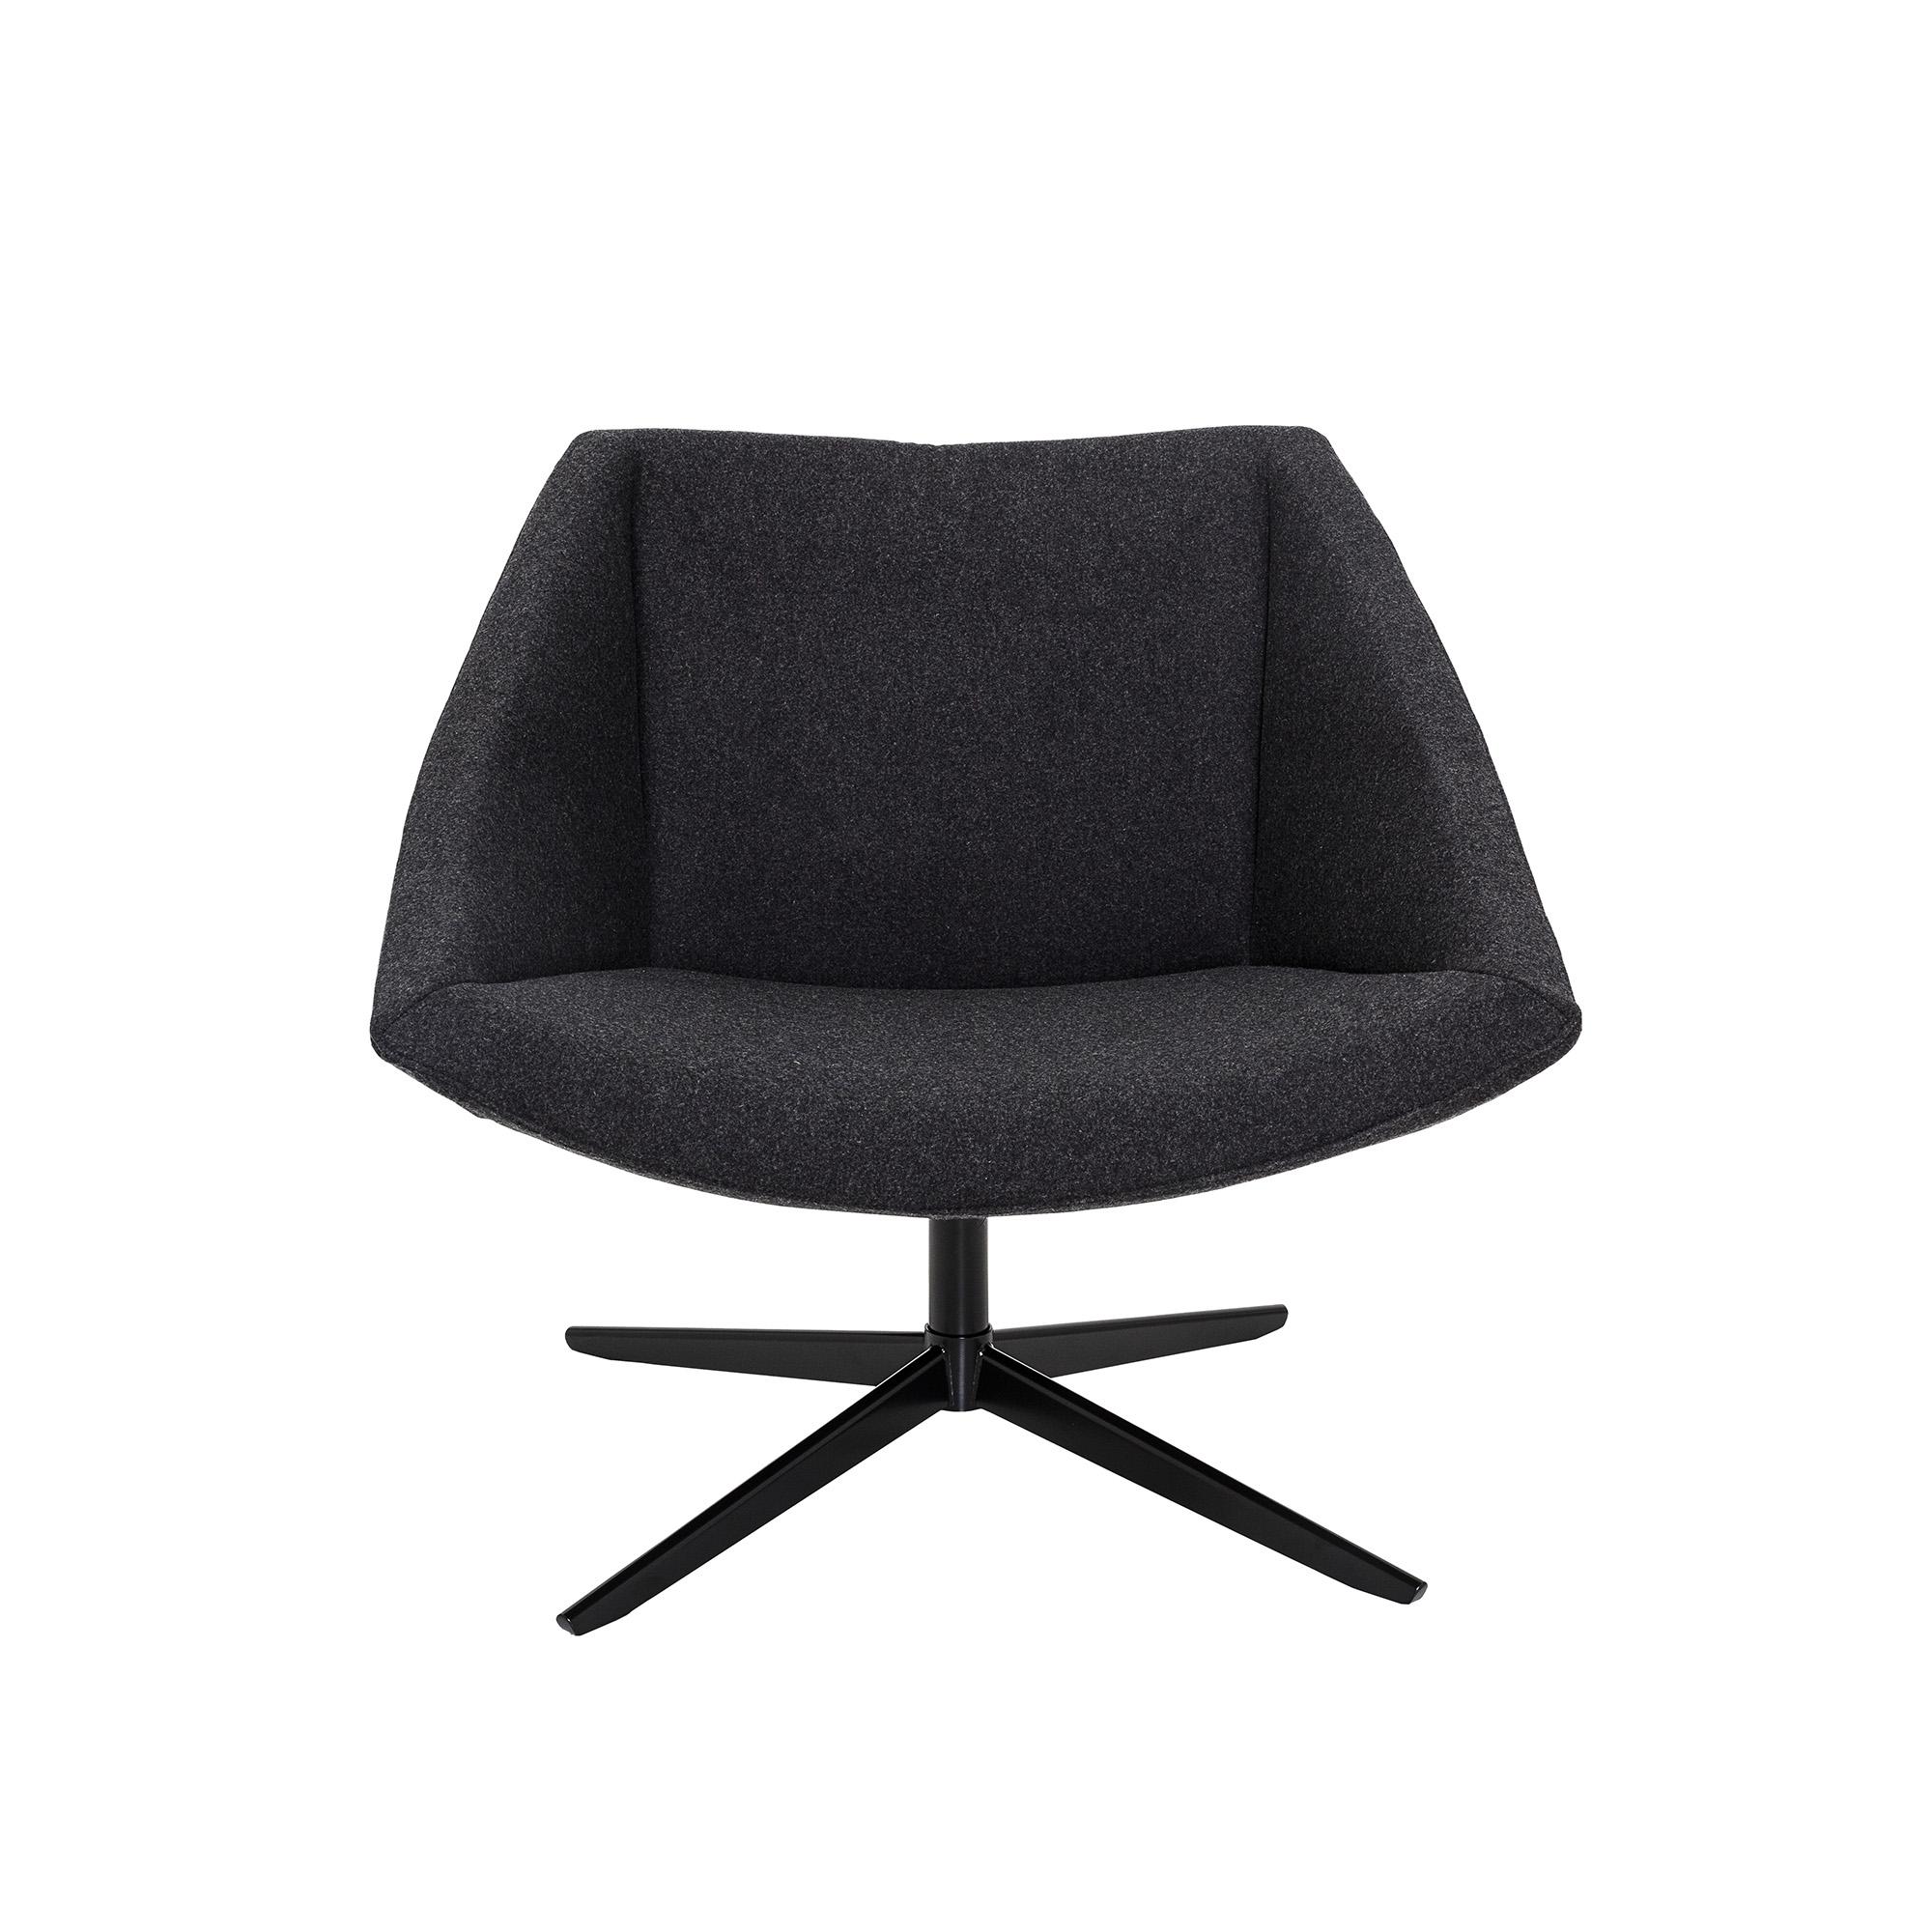 Кресло ElegantИнтерьерные кресла<br>Высота ножек 34 см, высота сиденья 42 см, глубина сиденья 54 см?.&amp;lt;div&amp;gt;Максимально допустимый вес 110 кг?&amp;lt;/div&amp;gt;&amp;lt;div&amp;gt;Крутящийся механизм.&amp;lt;/div&amp;gt;&amp;lt;div&amp;gt;&amp;lt;br&amp;gt;&amp;lt;/div&amp;gt;&amp;lt;div&amp;gt;?Состав: 70% шерсть, 25% полиамид, 5% смесь, ножки изготовлены из металла.&amp;lt;/div&amp;gt;&amp;lt;div&amp;gt;?Срок службы: 90 000 циклов по тесту Мертиндейла.&amp;lt;/div&amp;gt;<br><br>Material: Текстиль<br>Ширина см: 77.0<br>Высота см: 73.0<br>Глубина см: 76.0